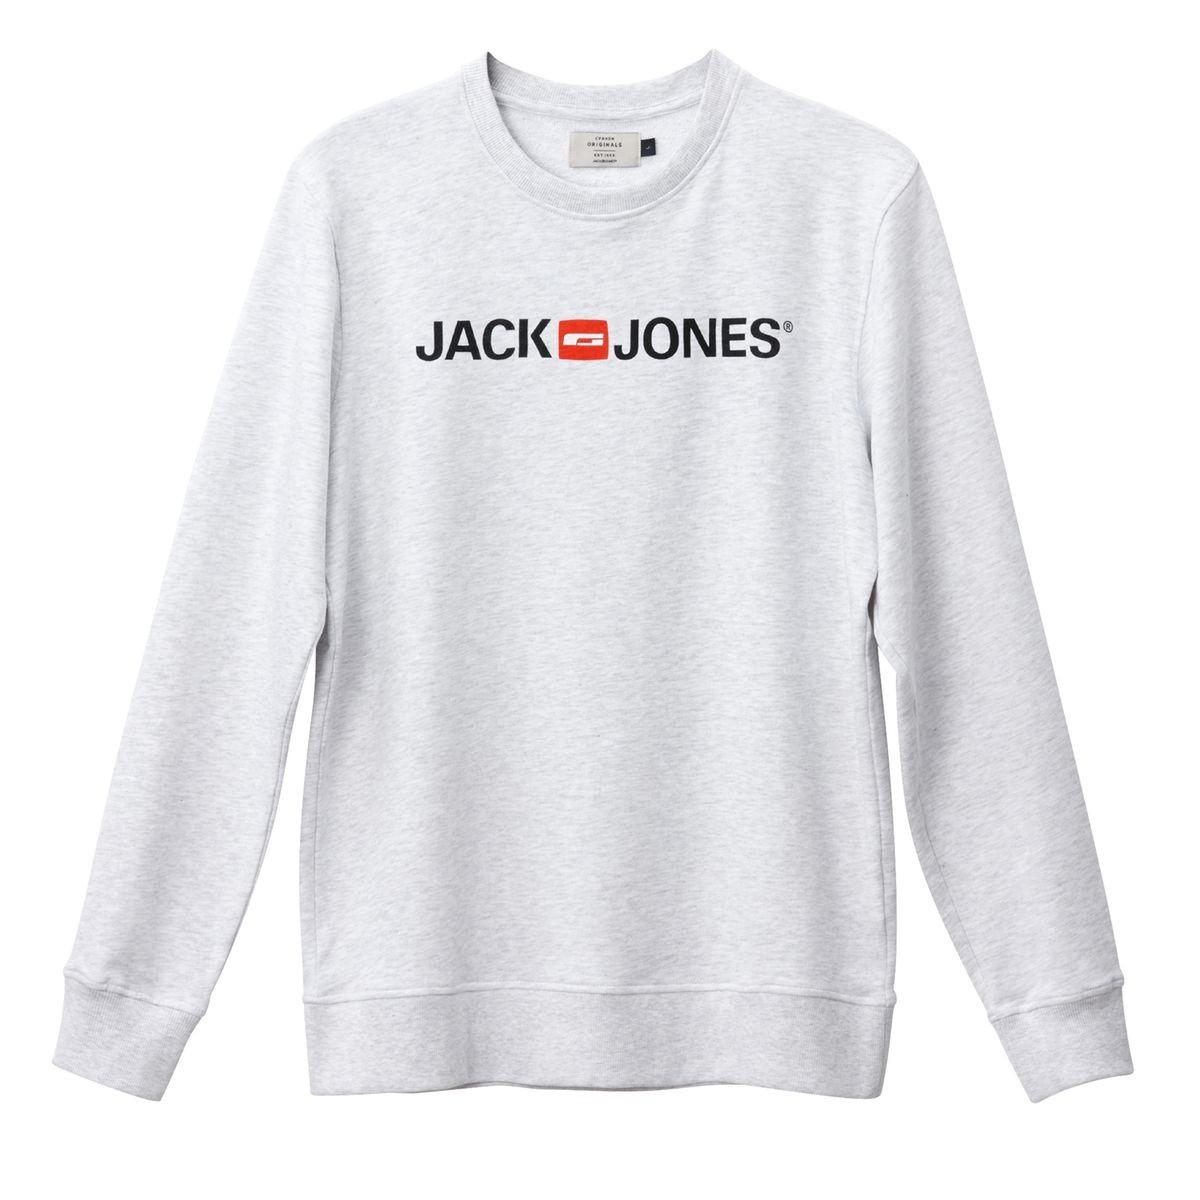 Sélection d'articles de marque Jack&Jones en promotion - Ex : Sweat Col Rond